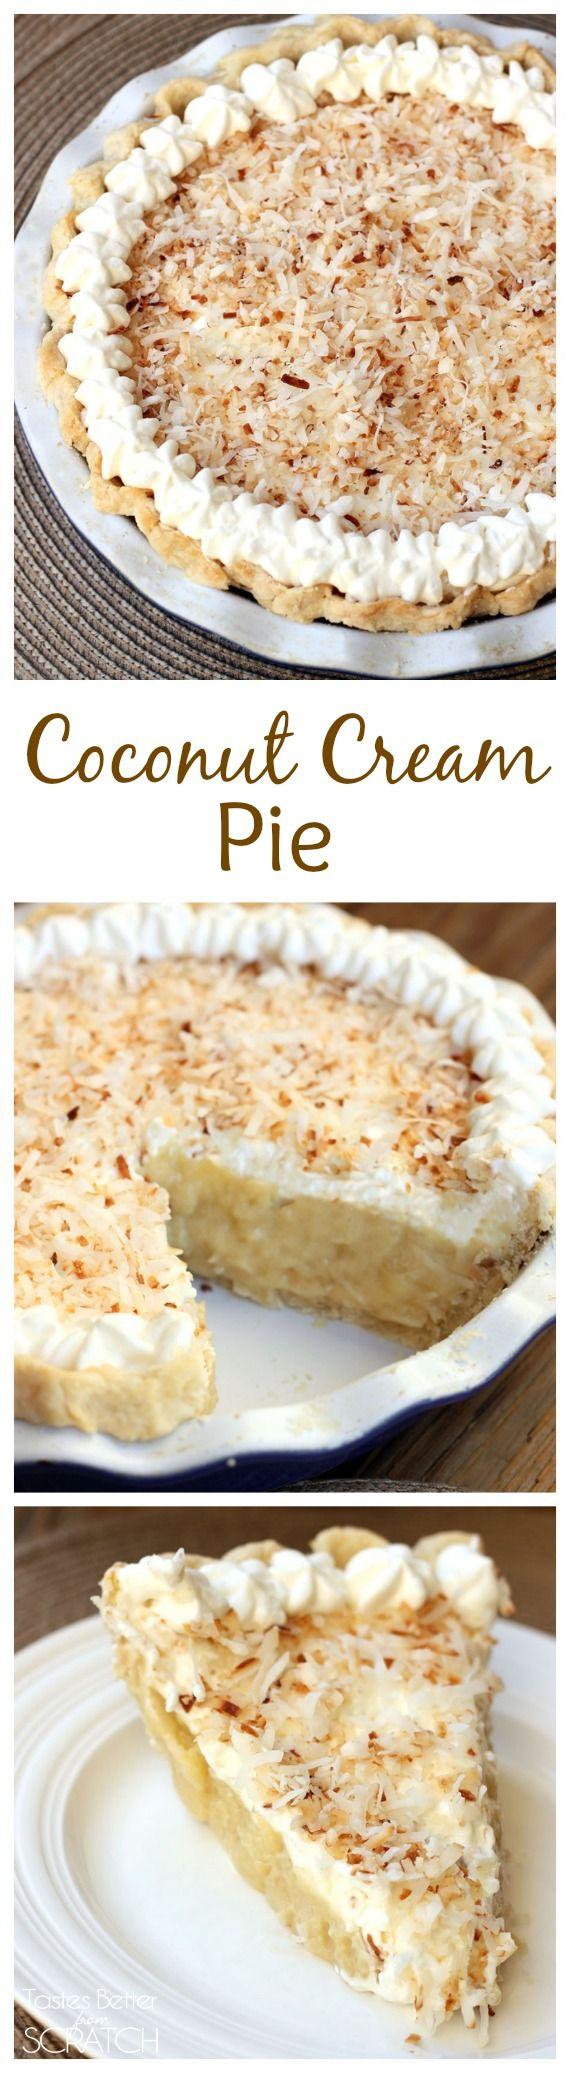 Coconut Cream Pie recipe on MyRecipeMagic.com